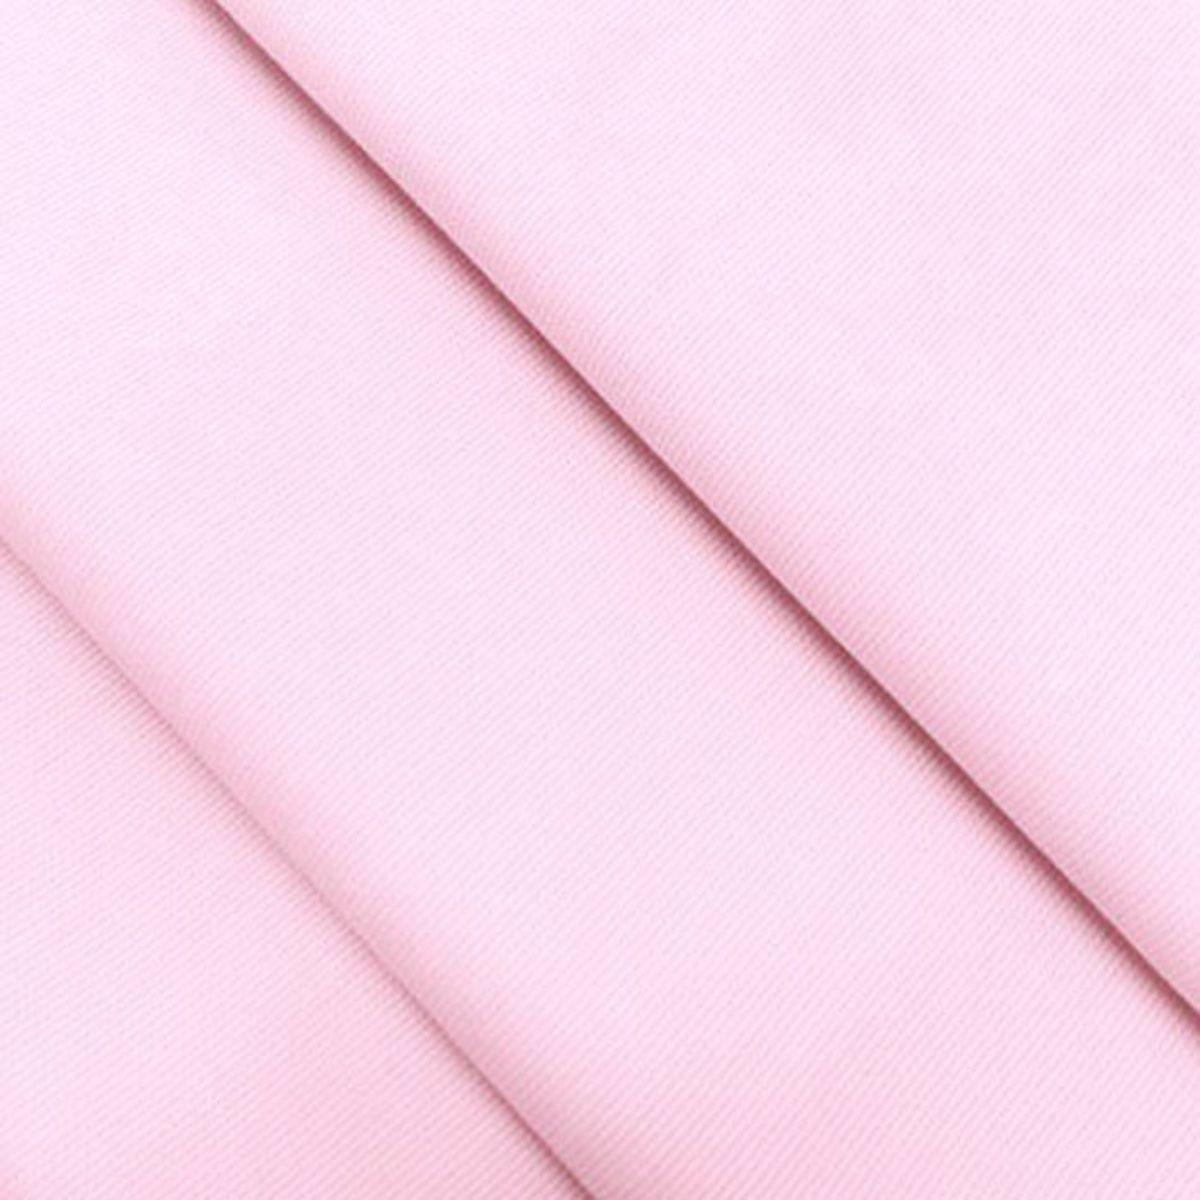 Tecido 100% Algodão 0,50 cm x 1,50 m  -  Fustão Liso Cor